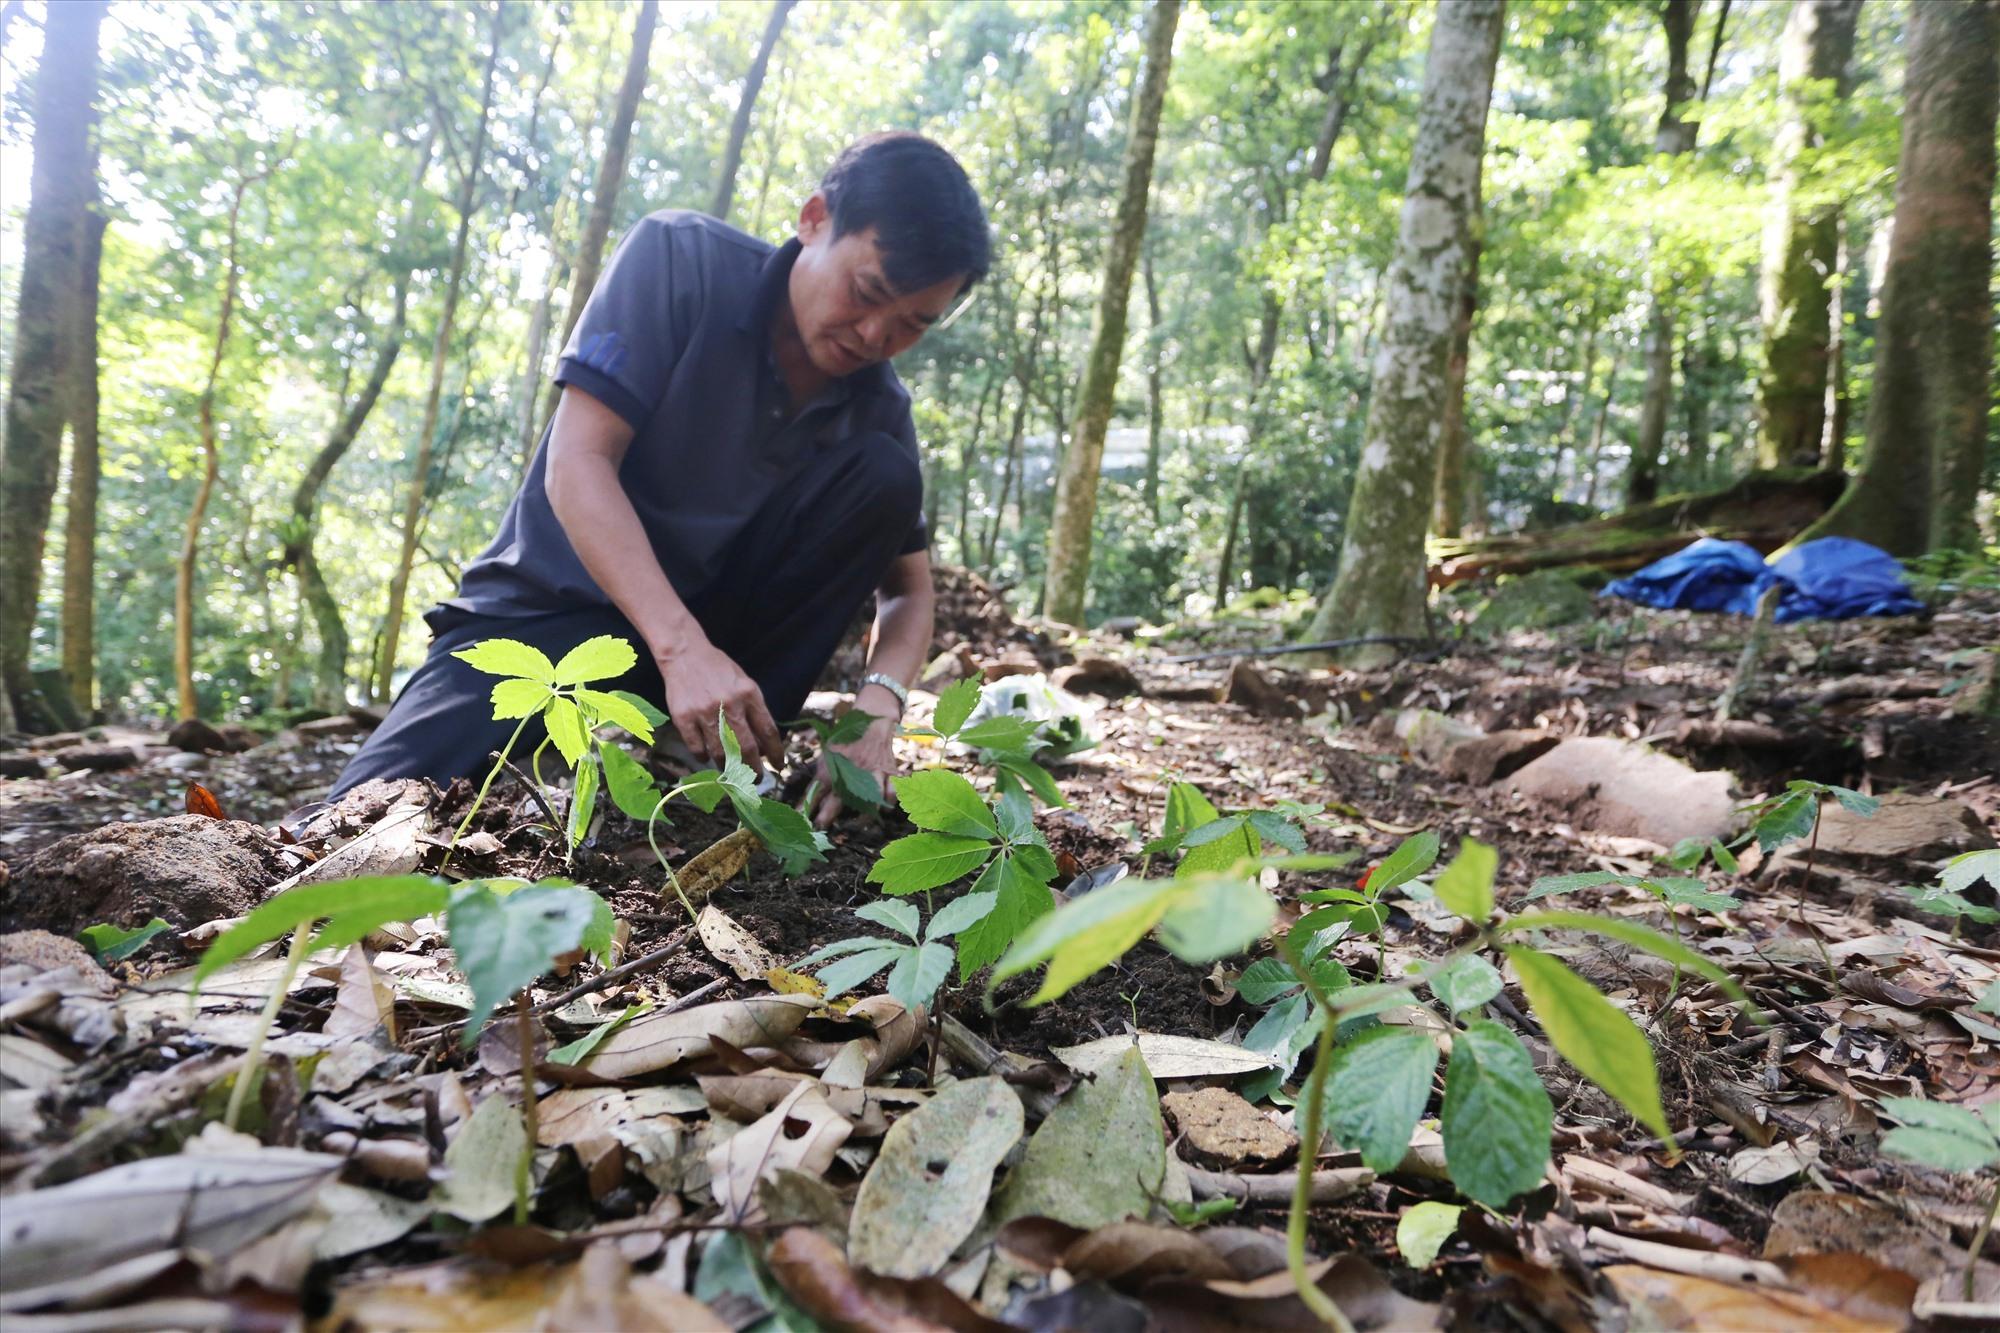 Ông Lê Thanh Ân (thôn 2, xã Trà Linh) trồng những cây sâm Ngọc Linh hai năm tuổi lên luống đất mùn nằm dưới tán rừng